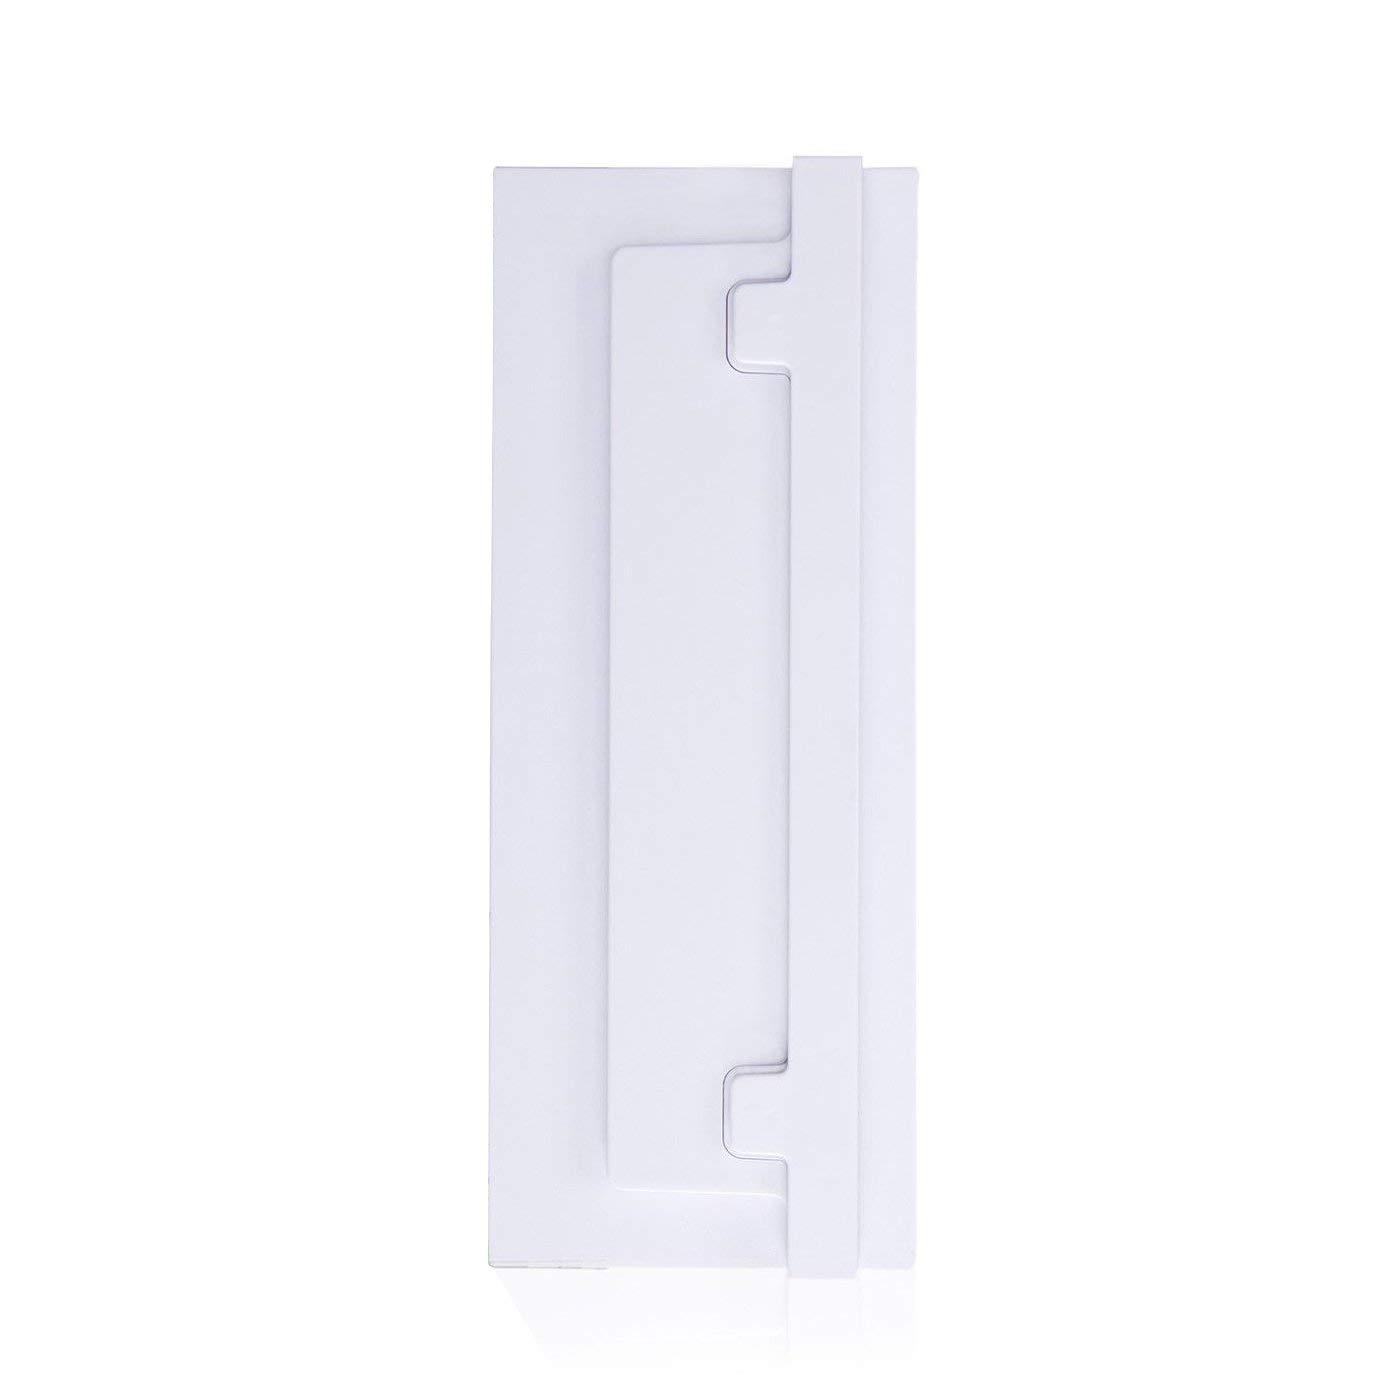 OSTENT Soporte vertical para montaje en soporte para videoconsola Xbox One S Console color blanco: Amazon.es: Videojuegos